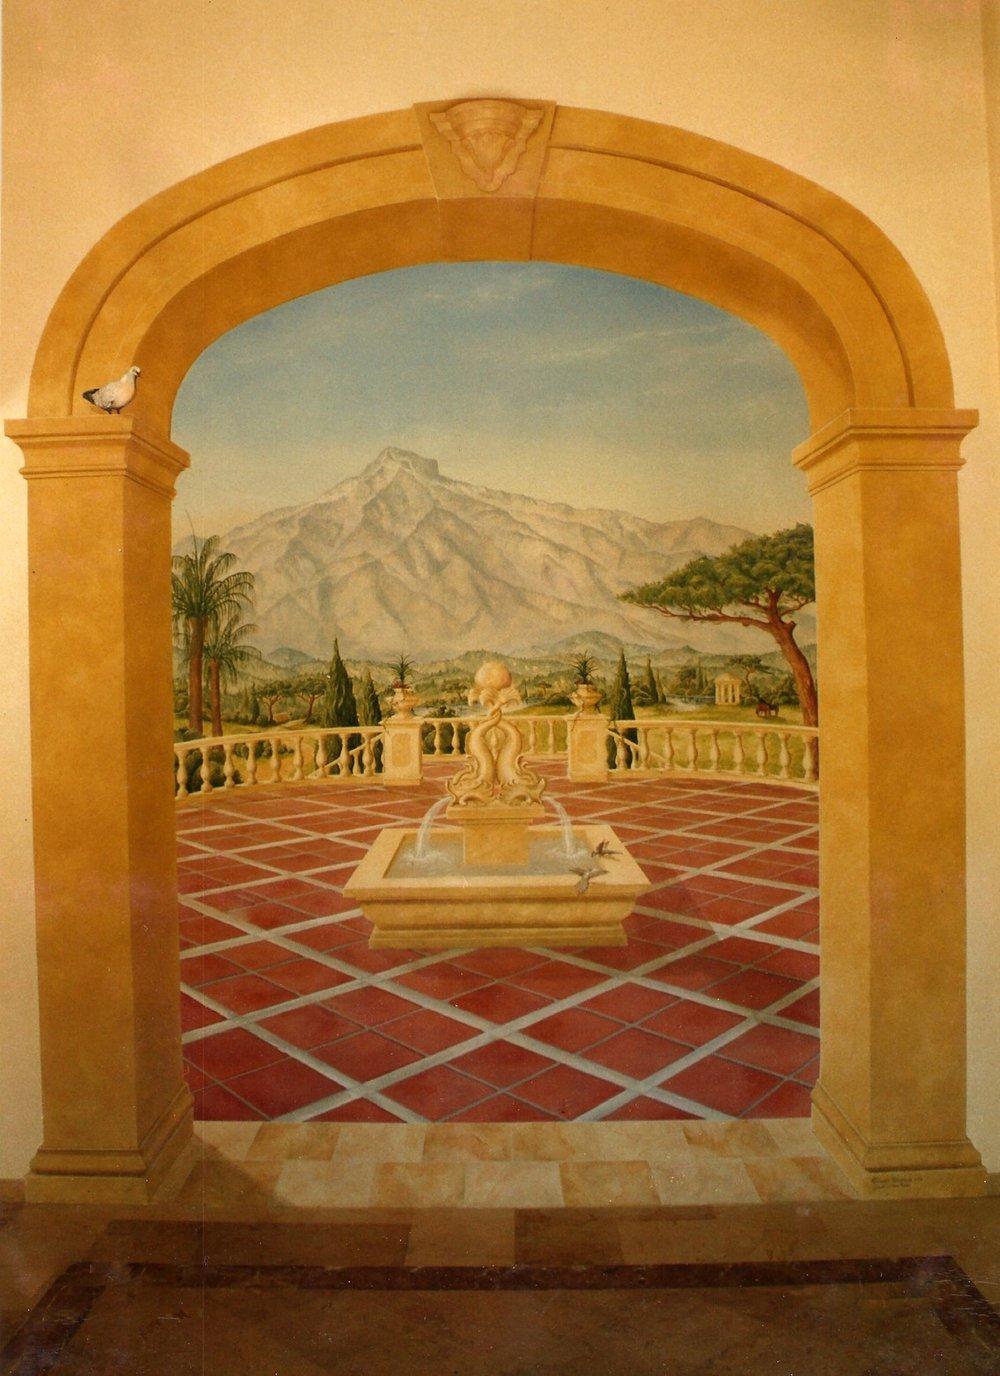 mural_painting_marbella_by_genevieve_wendelin7.jpg